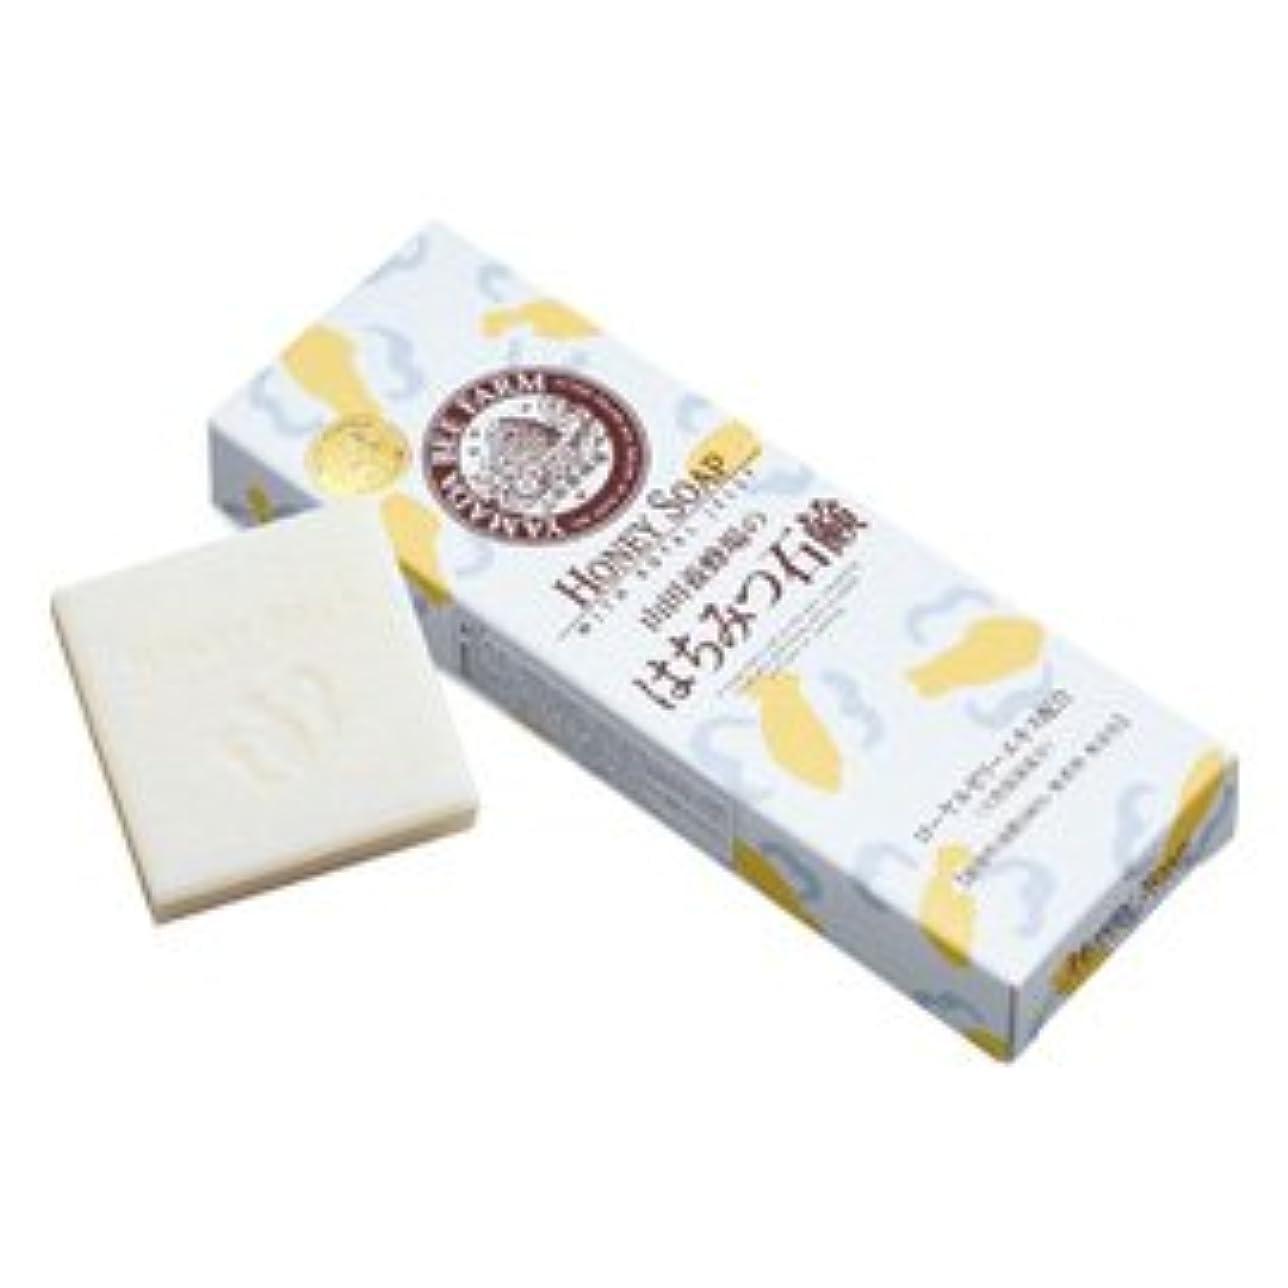 洗剤排泄物ブロッサムはちみつ石鹸 60g×3個入/Honey Soap